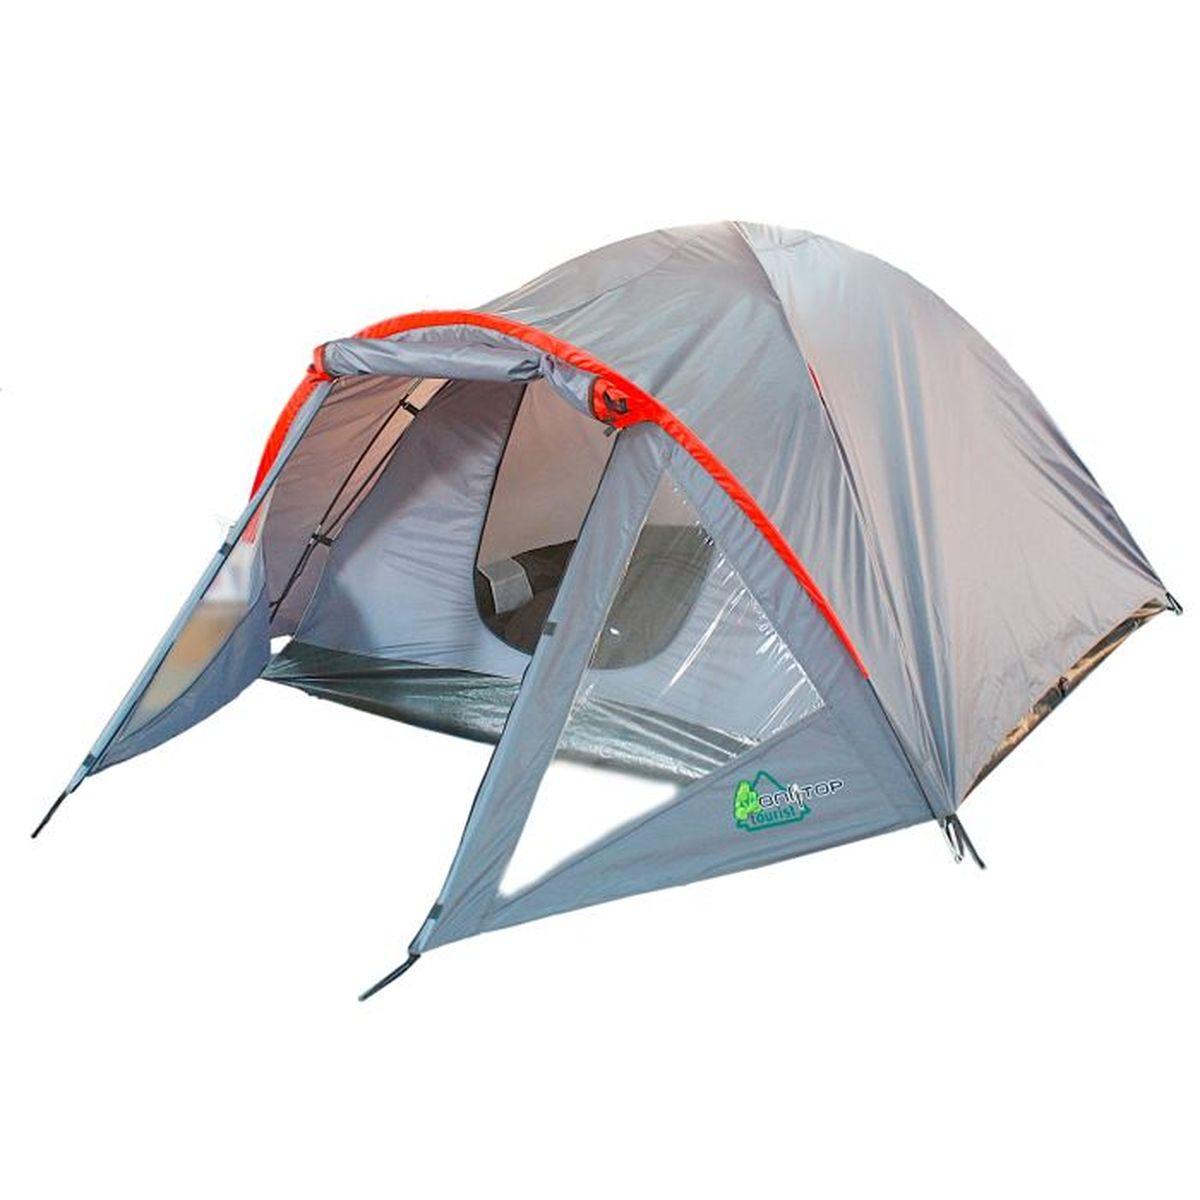 Палатка туристическая Onlitop Discovery, 3-местная, цвет: серый70105Если вы заядлый турист или просто любитель природы, вы хоть раз задумывались о ночевке на свежем воздухе. Чтобы провести это время с комфортом, вам понадобится отличная палатка, такая как Onlitop Discovery. Палатка рассчитана на 3 человек, она обеспечит безопасный и комфортный отдых и защитит от непогоды и насекомых. С помощью тамбура вы сможете сэкономить пространство, поместив туда рюкзаки и одежду.Конструкция палатки: - 1 вход; - 1 вместительный передний тамбур для хранения вещей с двумя боковыми окнами.Внутреннее оснащение: - москитная сетка на входе; - 1 вентиляционное окно; - 2 кармана для хранения вещей.Размер палатки: 280 x 210 x 130 см (тамбур, 70 см + комната, 210 см).Что взять с собой в поход?. Статья OZON Гид